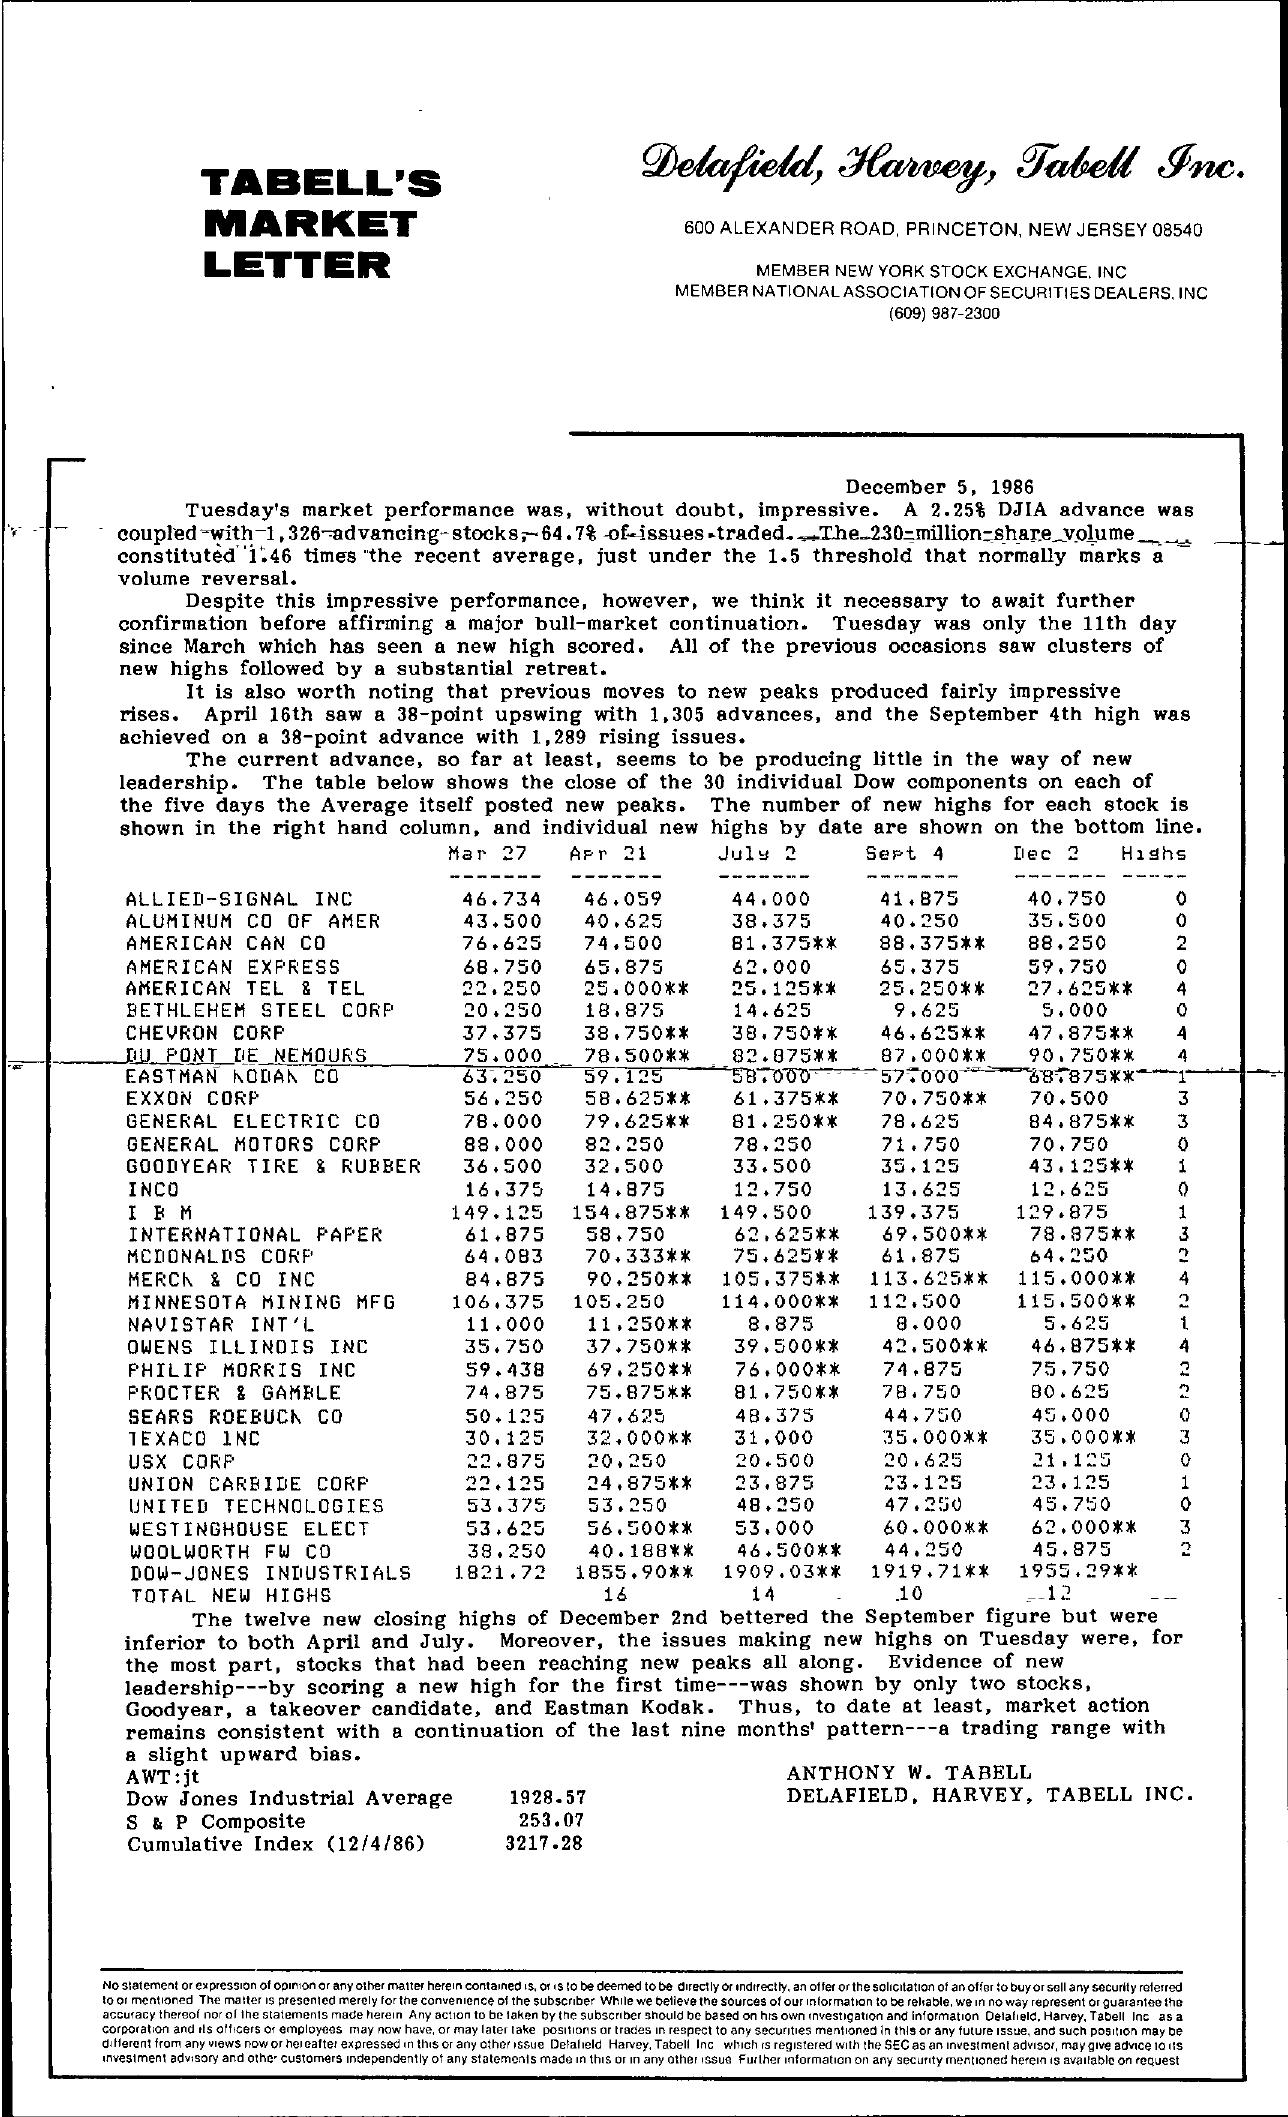 Tabell's Market Letter - December 05, 1986